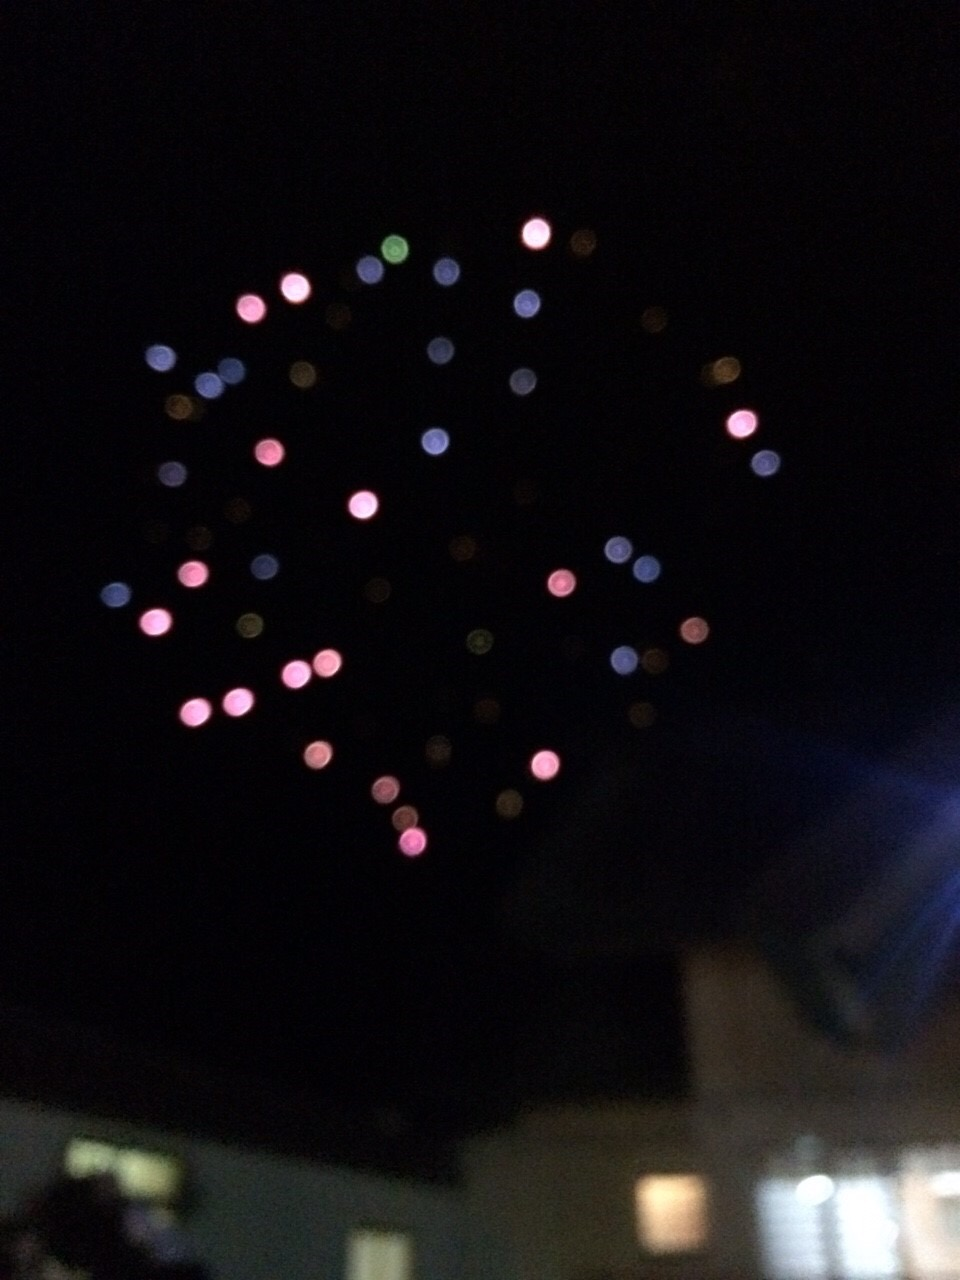 北海道の花火大会こと「長万部の花火」をお届けします